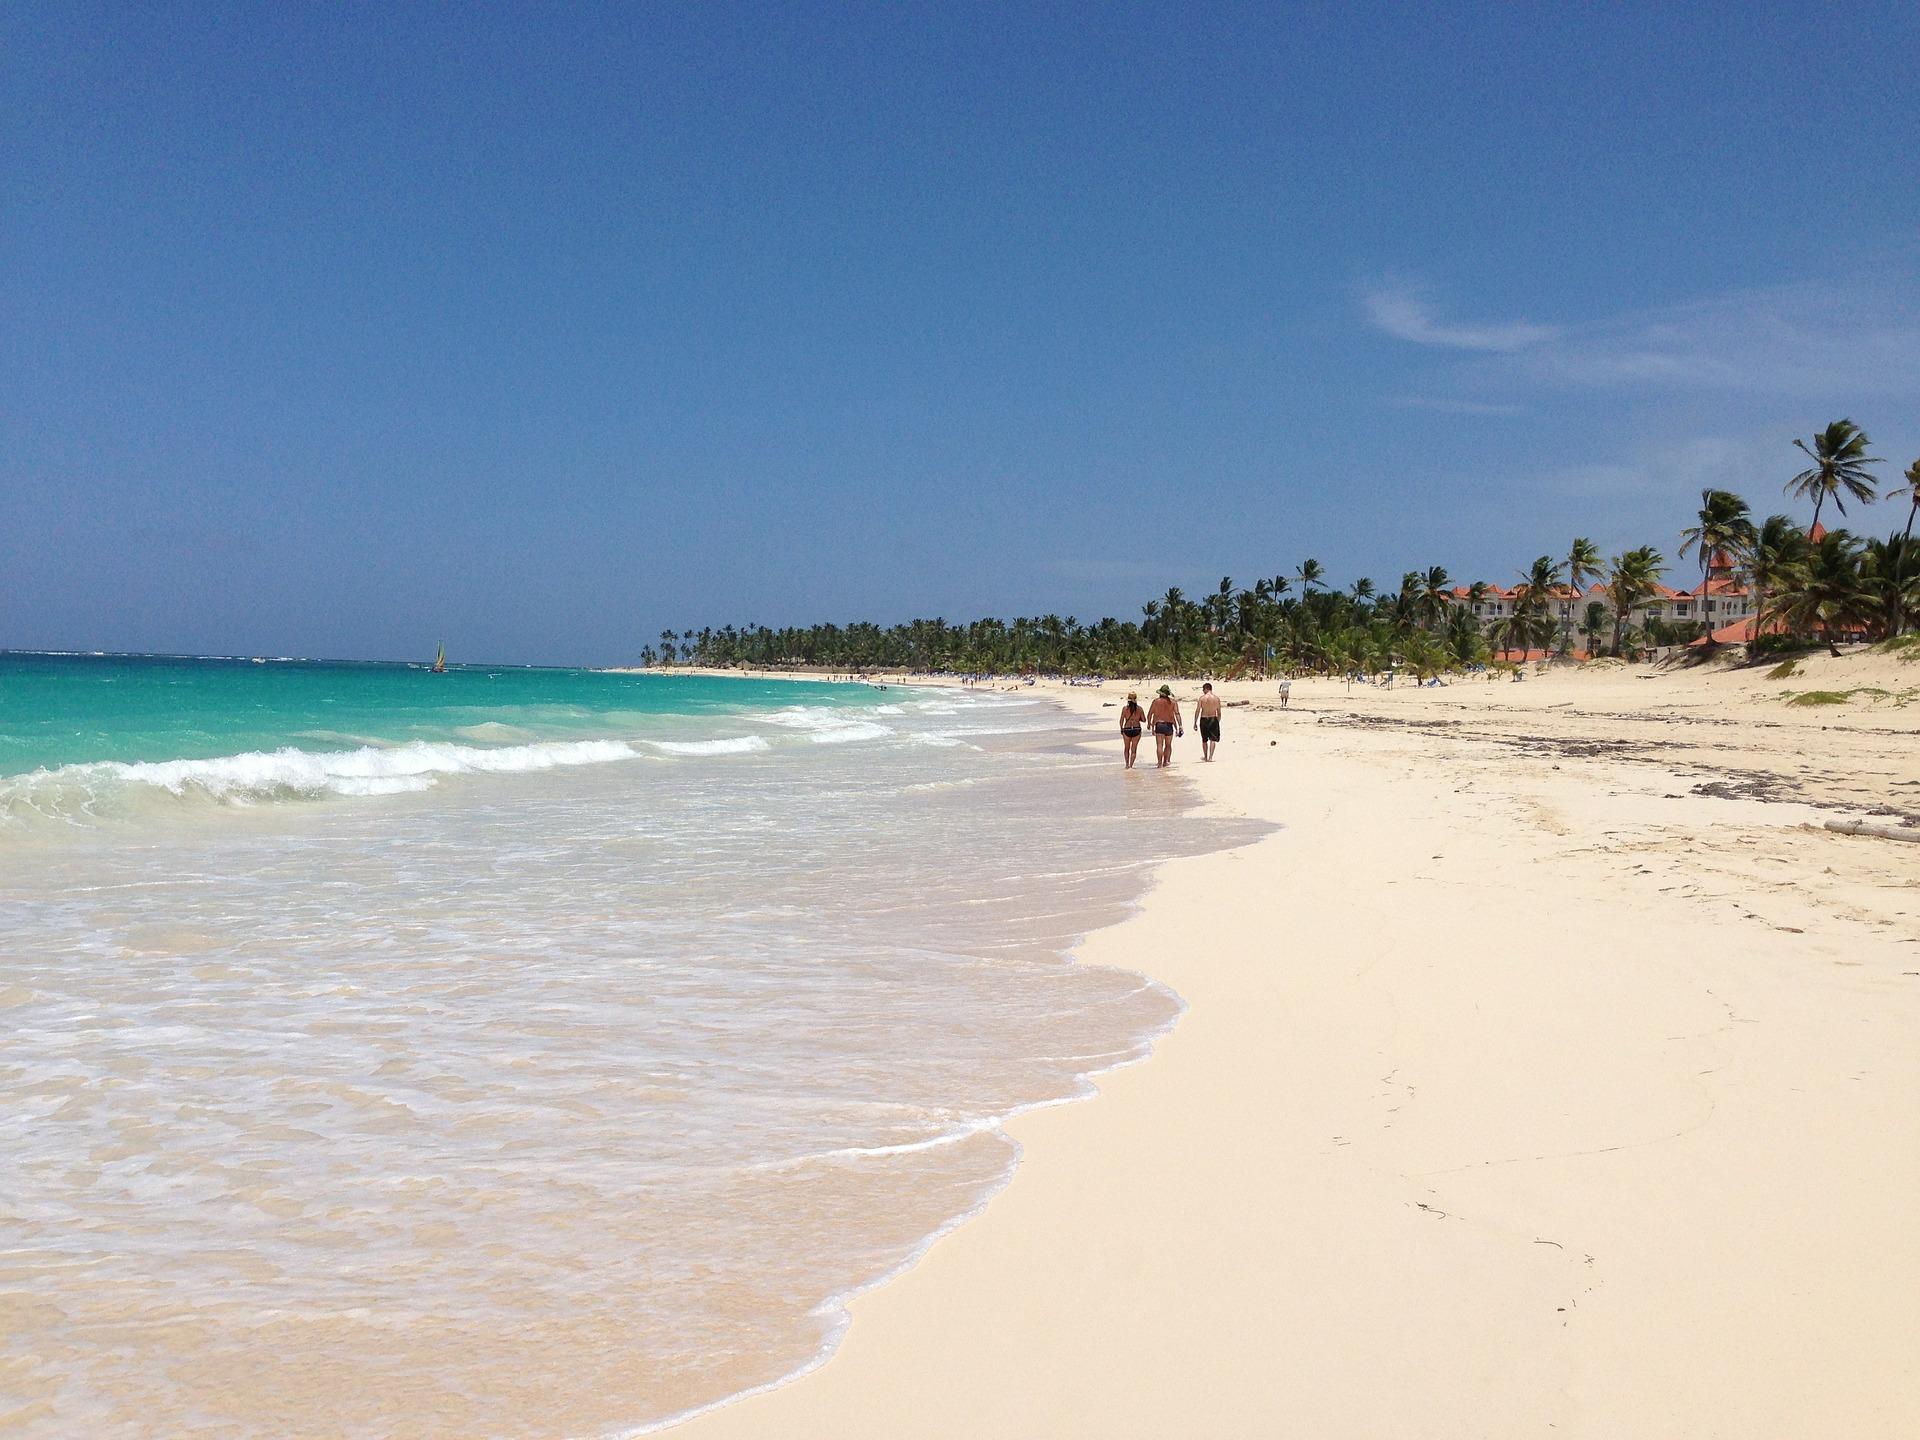 Punta Cana Beach der 30 Kilometer lange Sandstrand in der Dom Rep - günstiger Karibik Urlaub